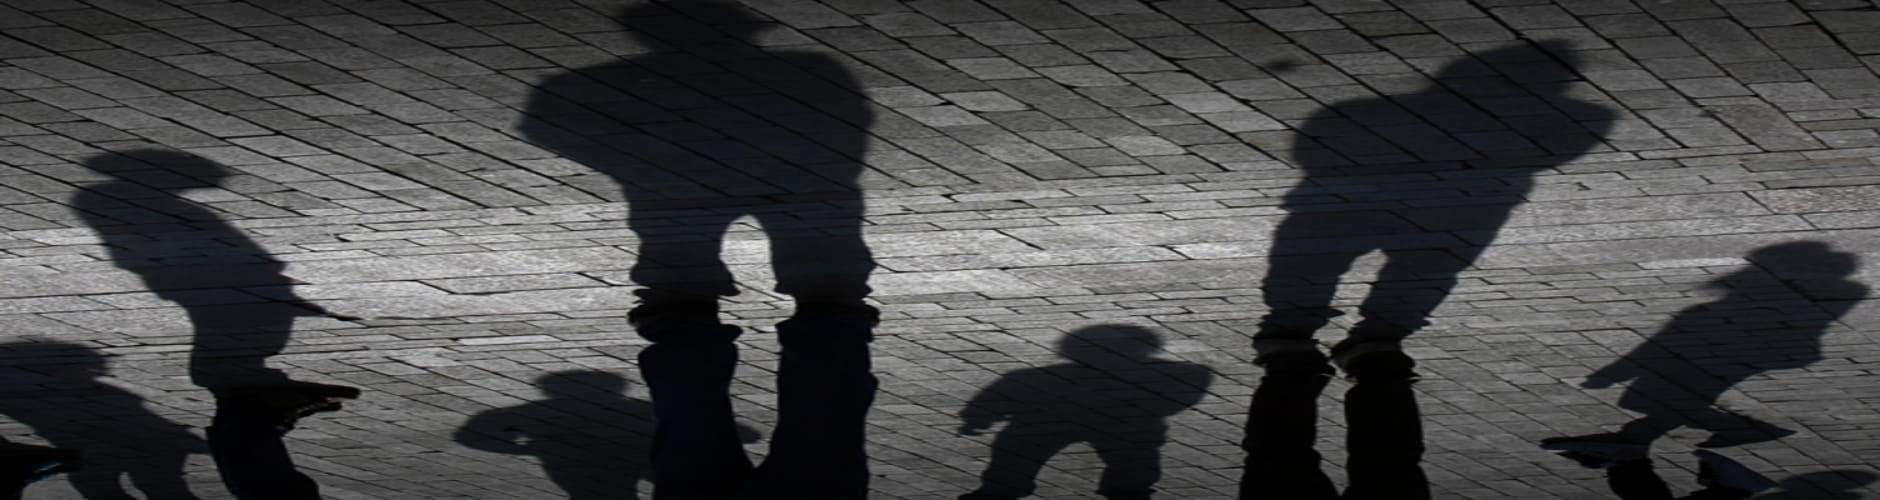 Εργατοπατέρες μπέρδεψαν τη σκιά τους με το μπόι τους